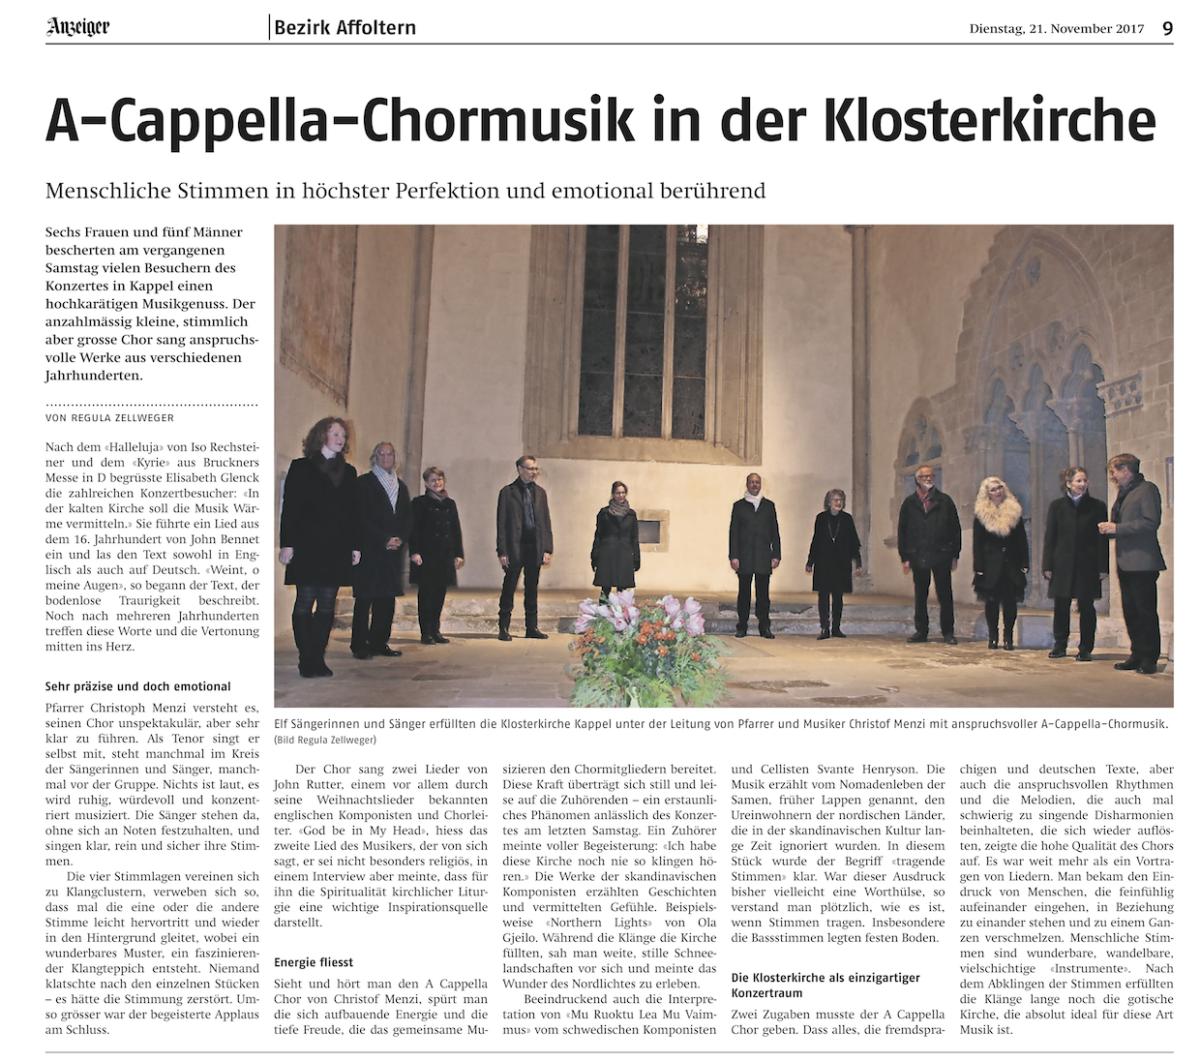 Anzeiger Bezirk Affoltern: A-Cappella-Chormusik in der Klosterkirche